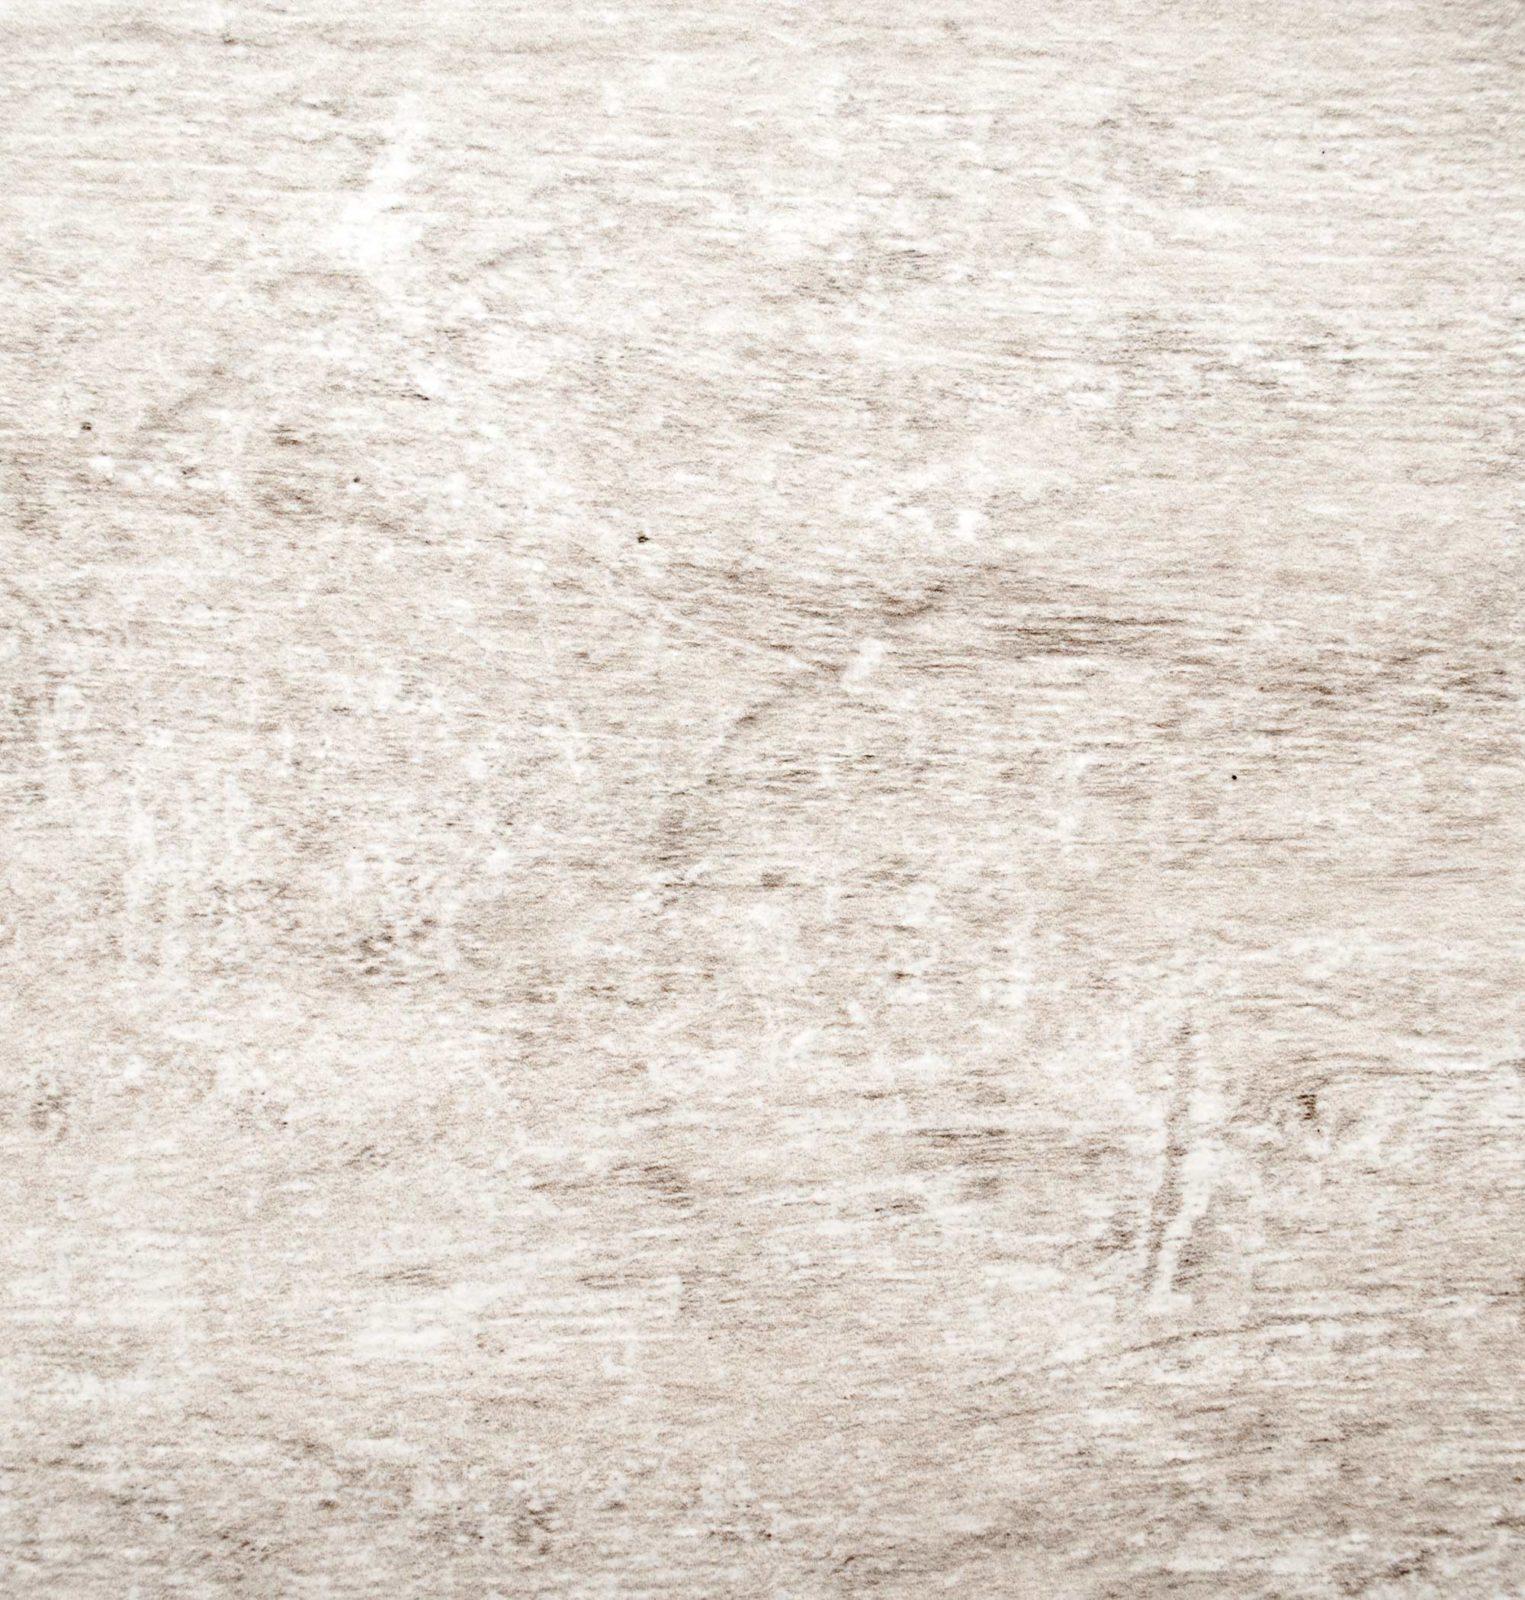 Panaria Wood Trend White Oak Porcelain Tile 8 Quot X 36